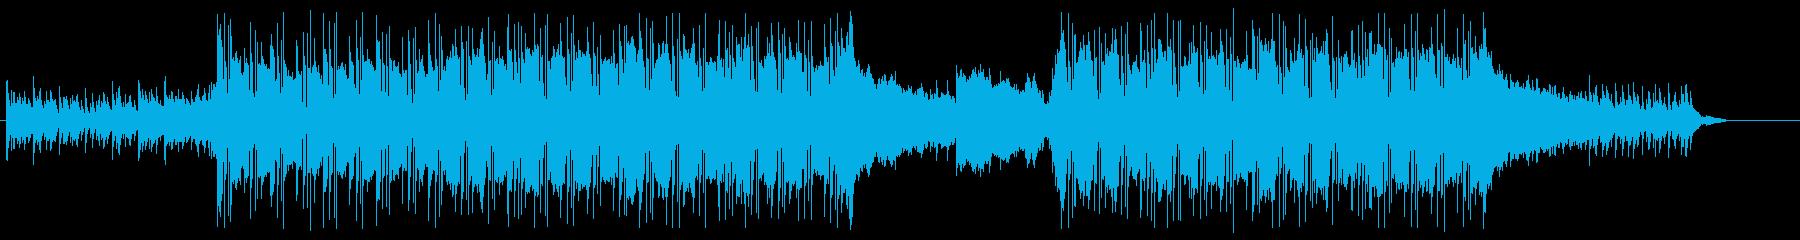 【オーケストラ】暖かさ_優しさ_ほのぼのの再生済みの波形